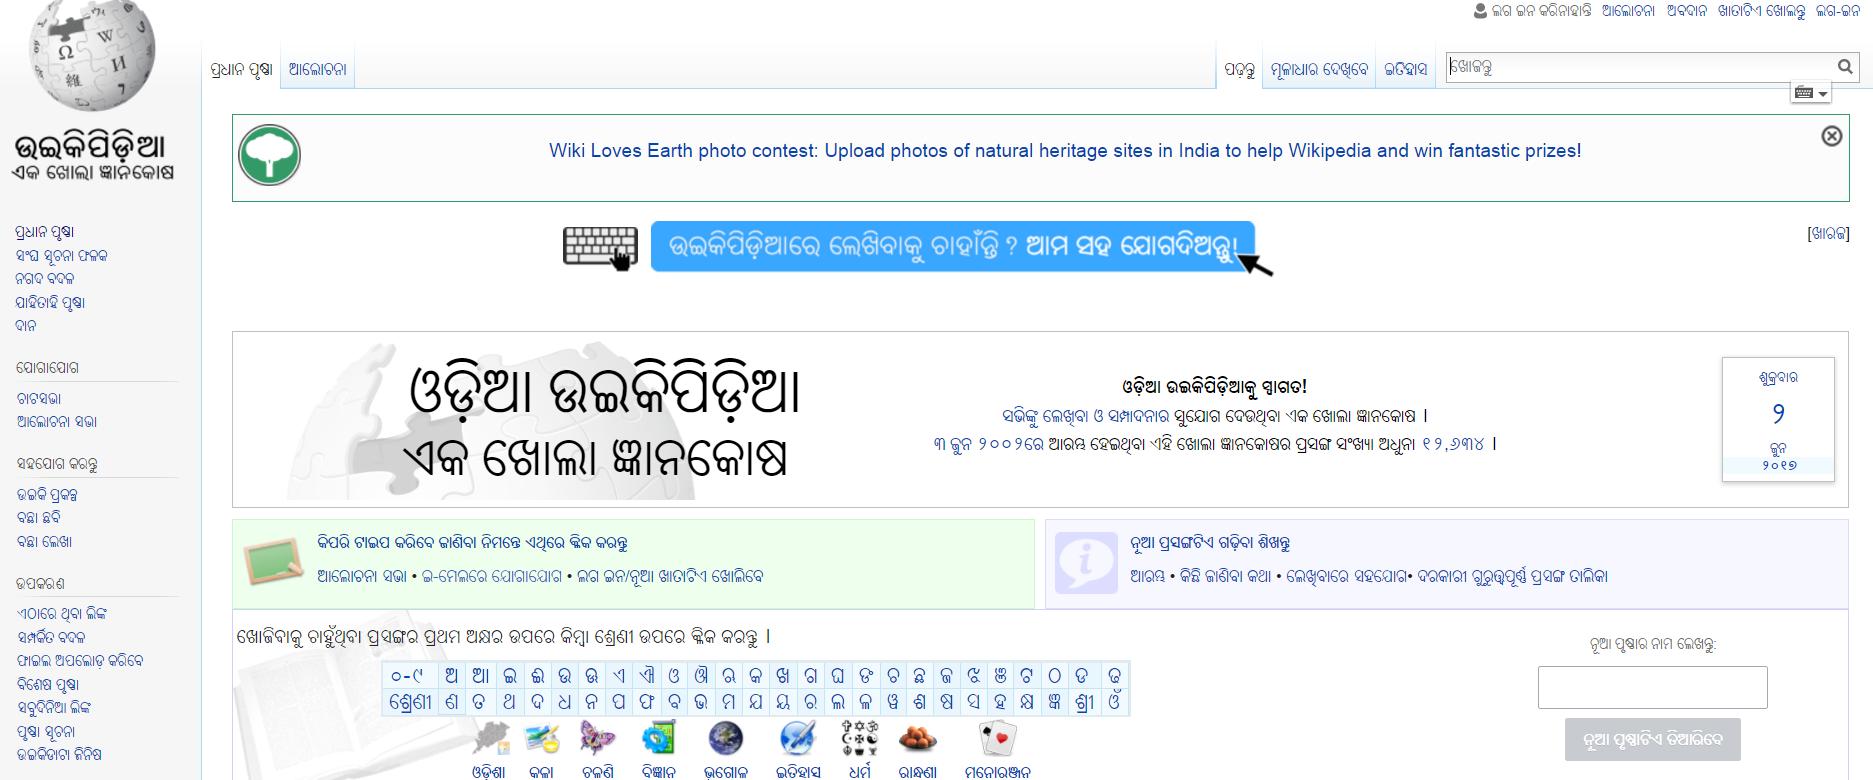 A screenshot of the Odia Wikipedia page. Credit: Wikipedia.